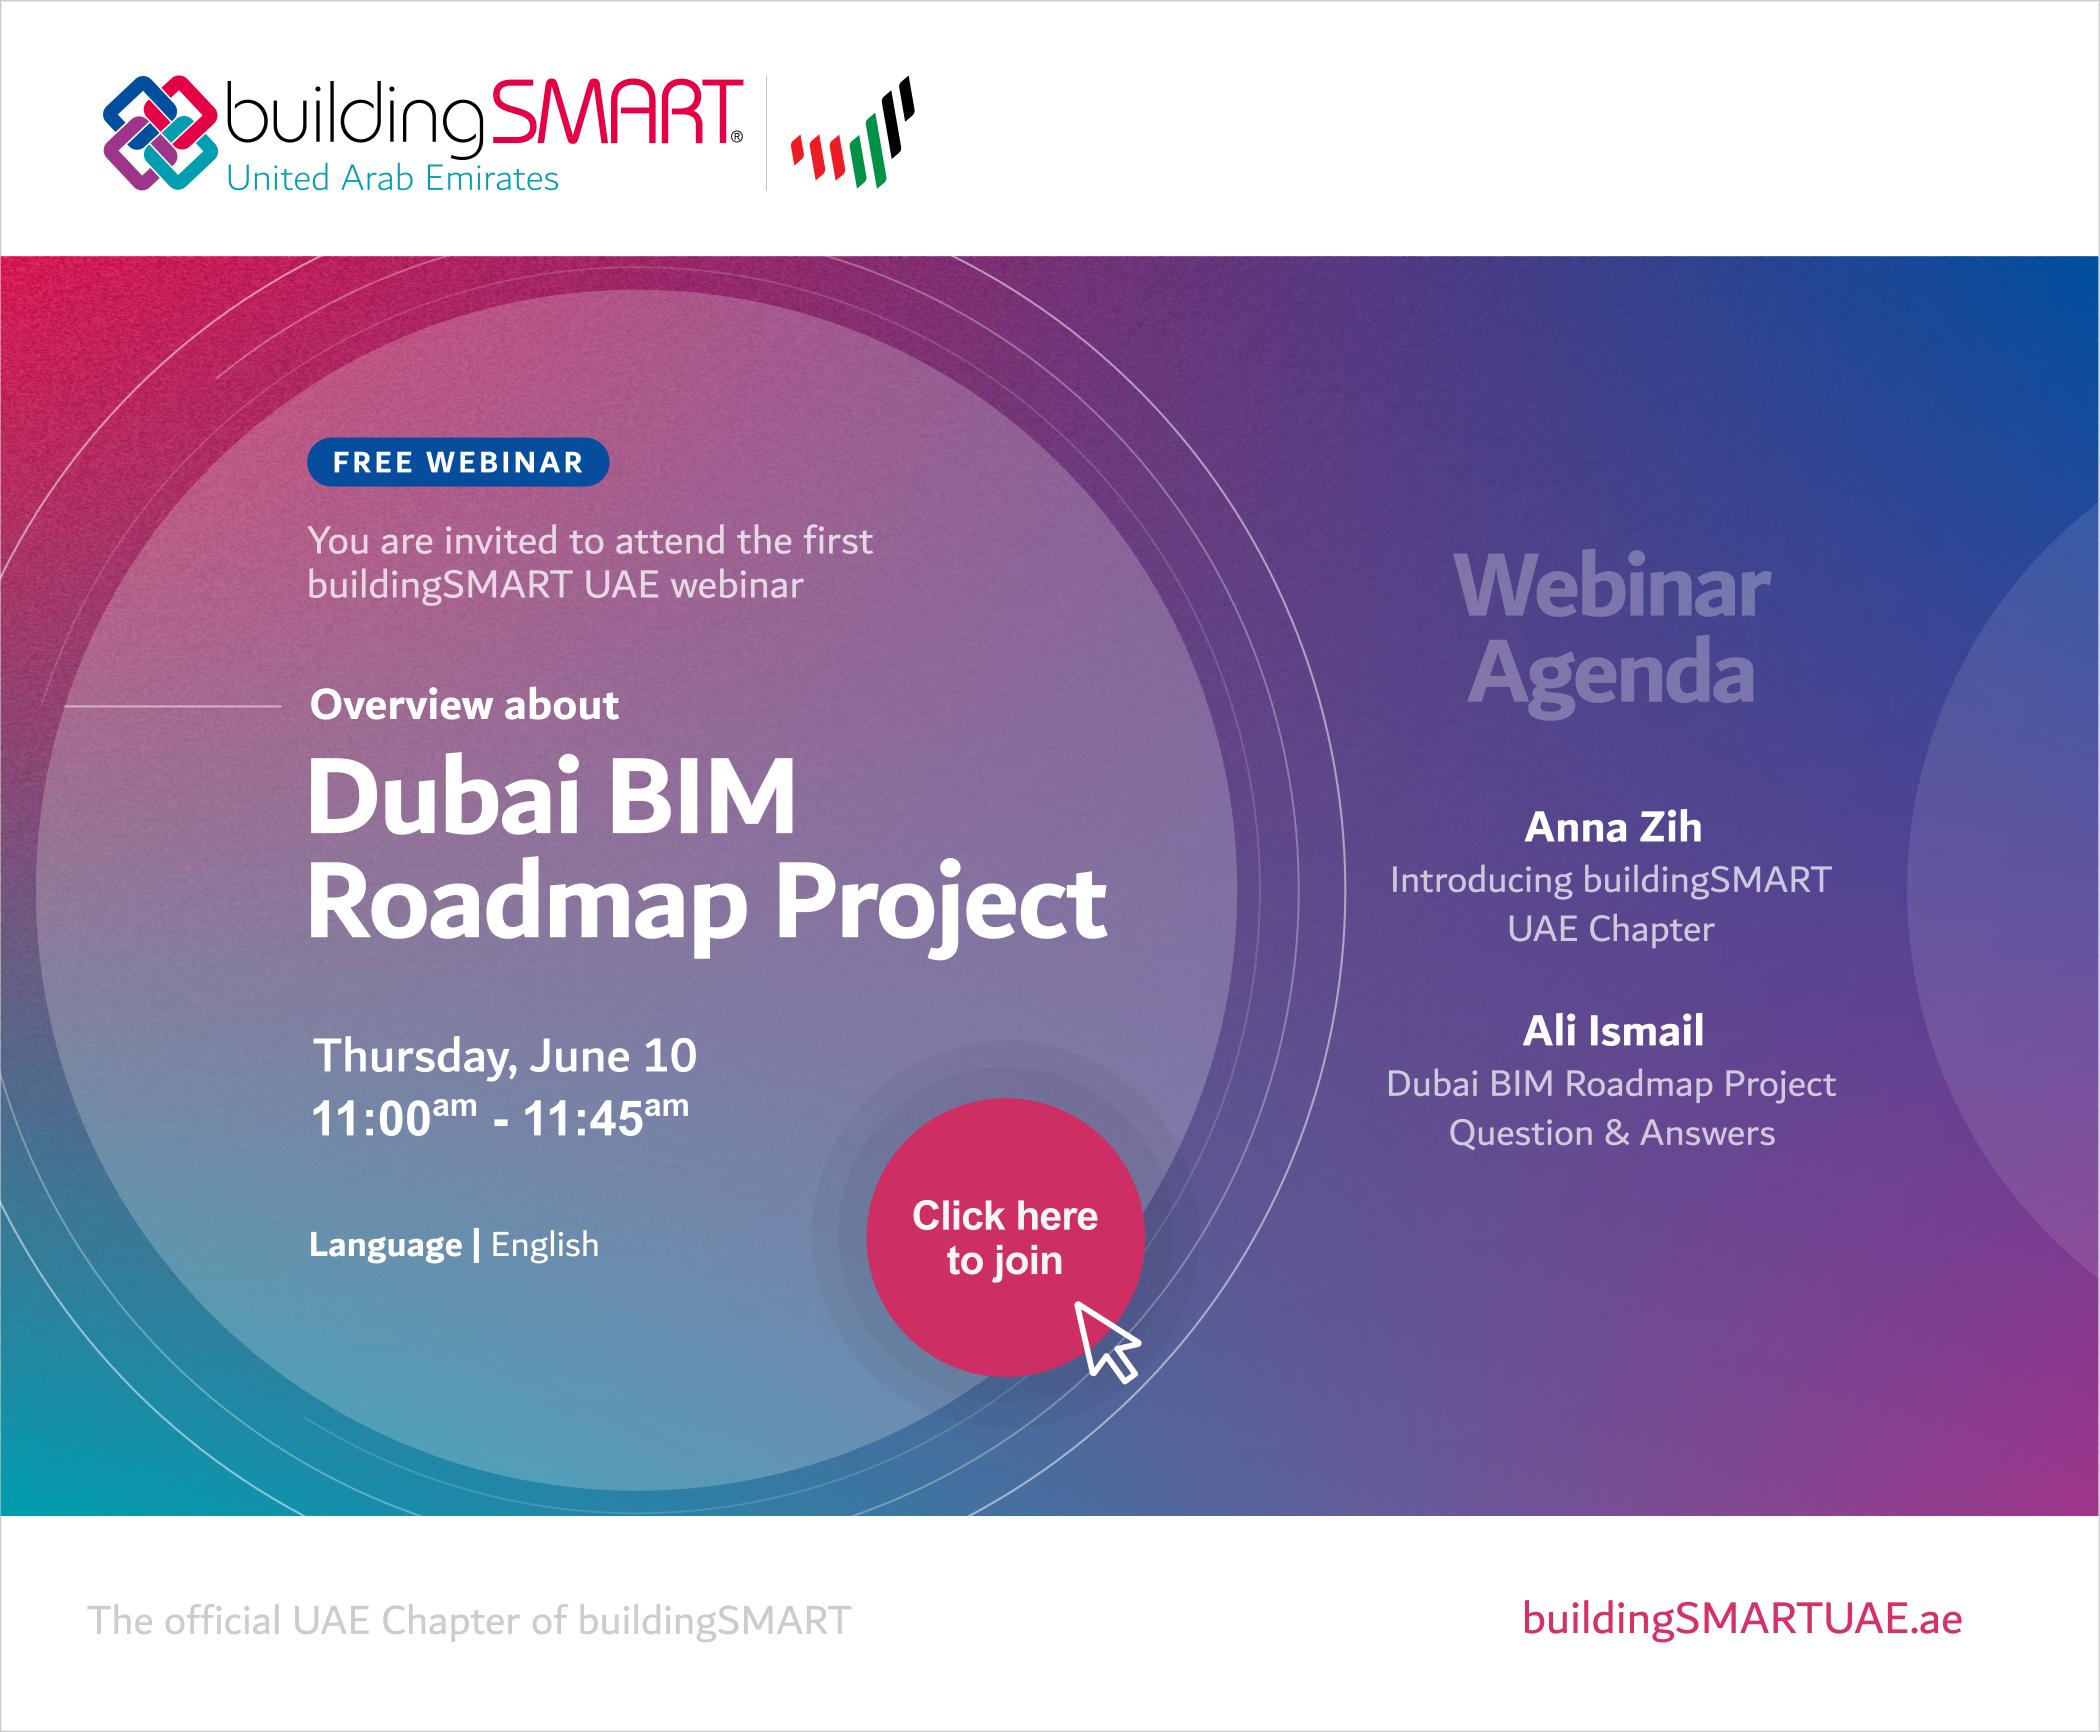 buildingSMART UAE Chapter First Webinar